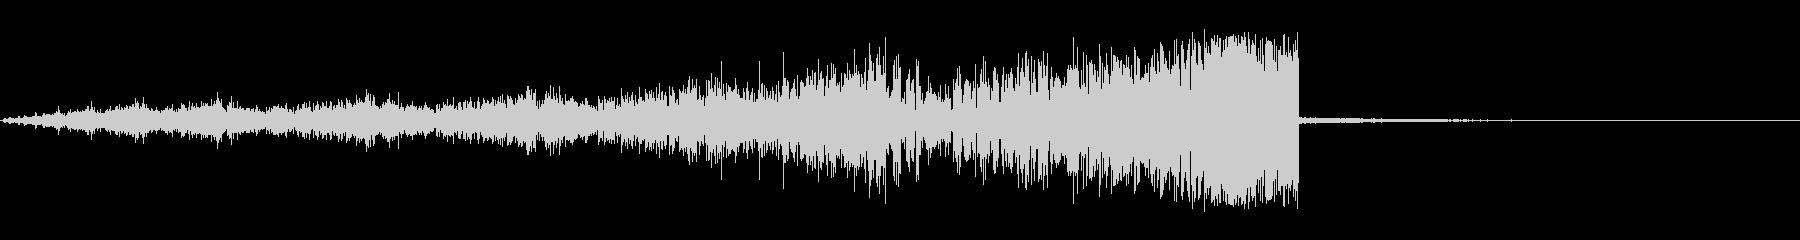 スクリーキー・フラタリング・フーシャ2の未再生の波形